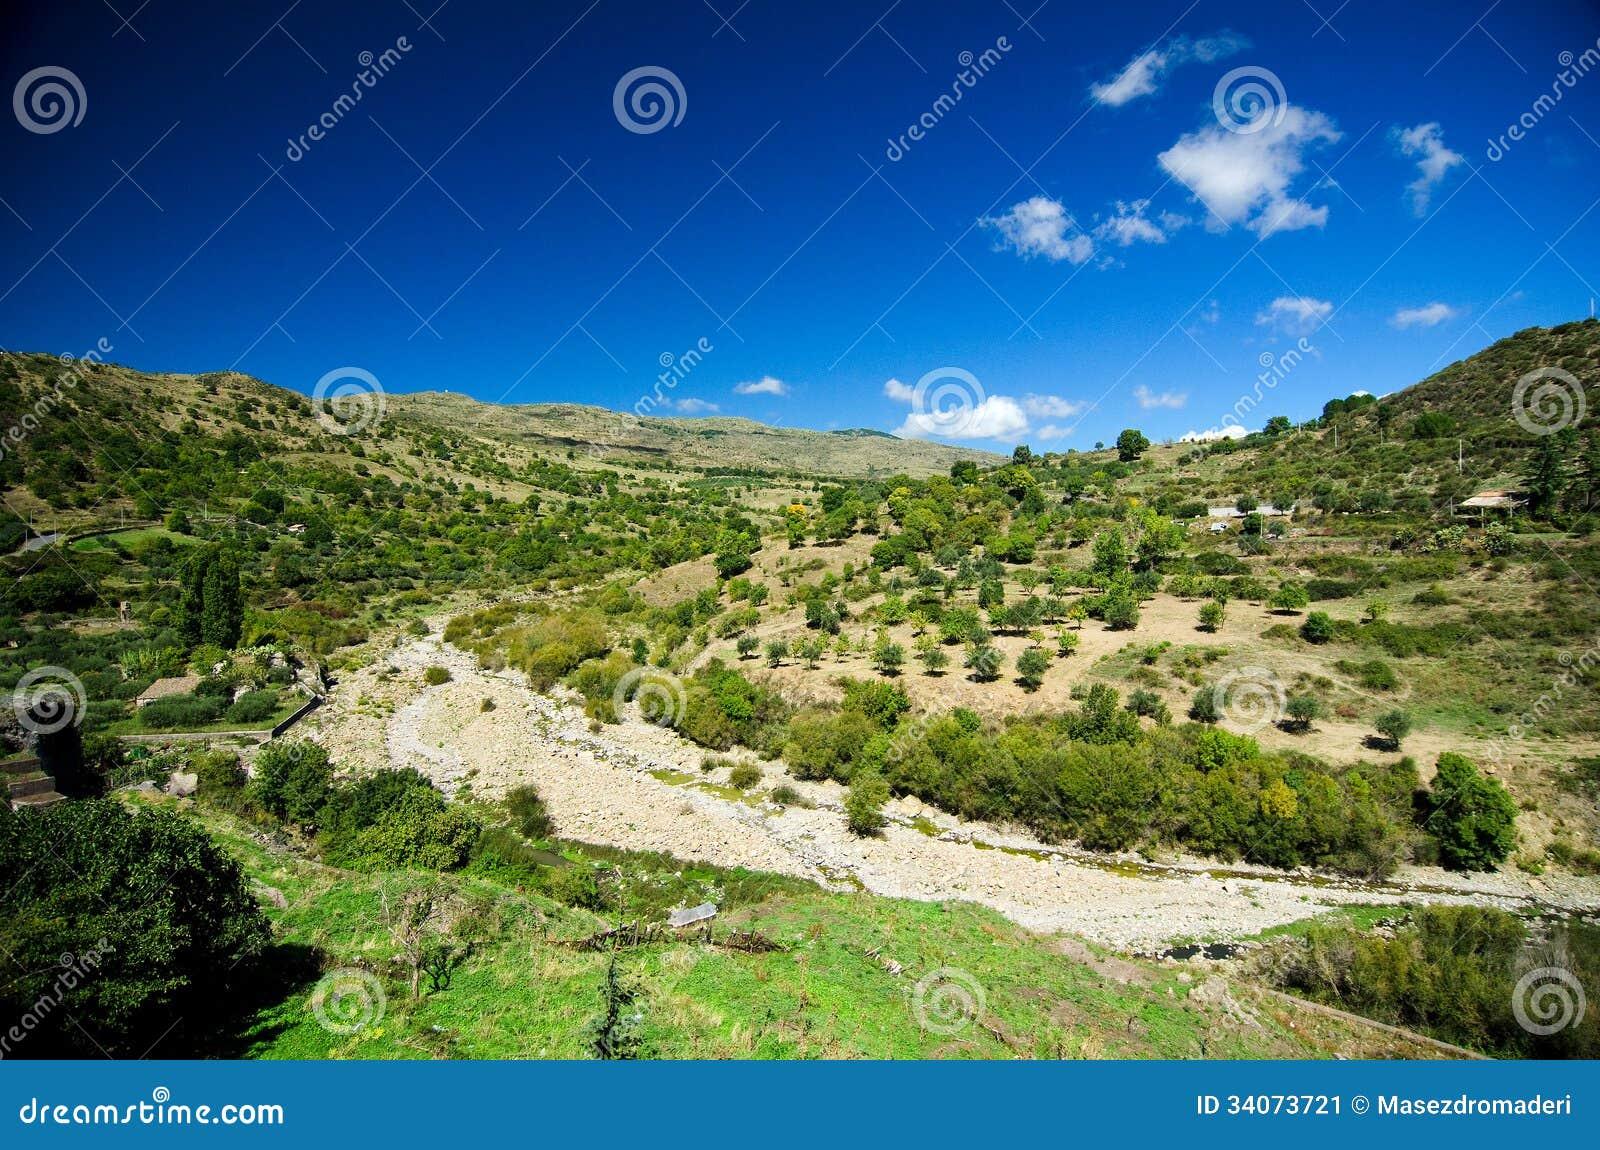 西西里岛-阿尔坎塔拉河谷